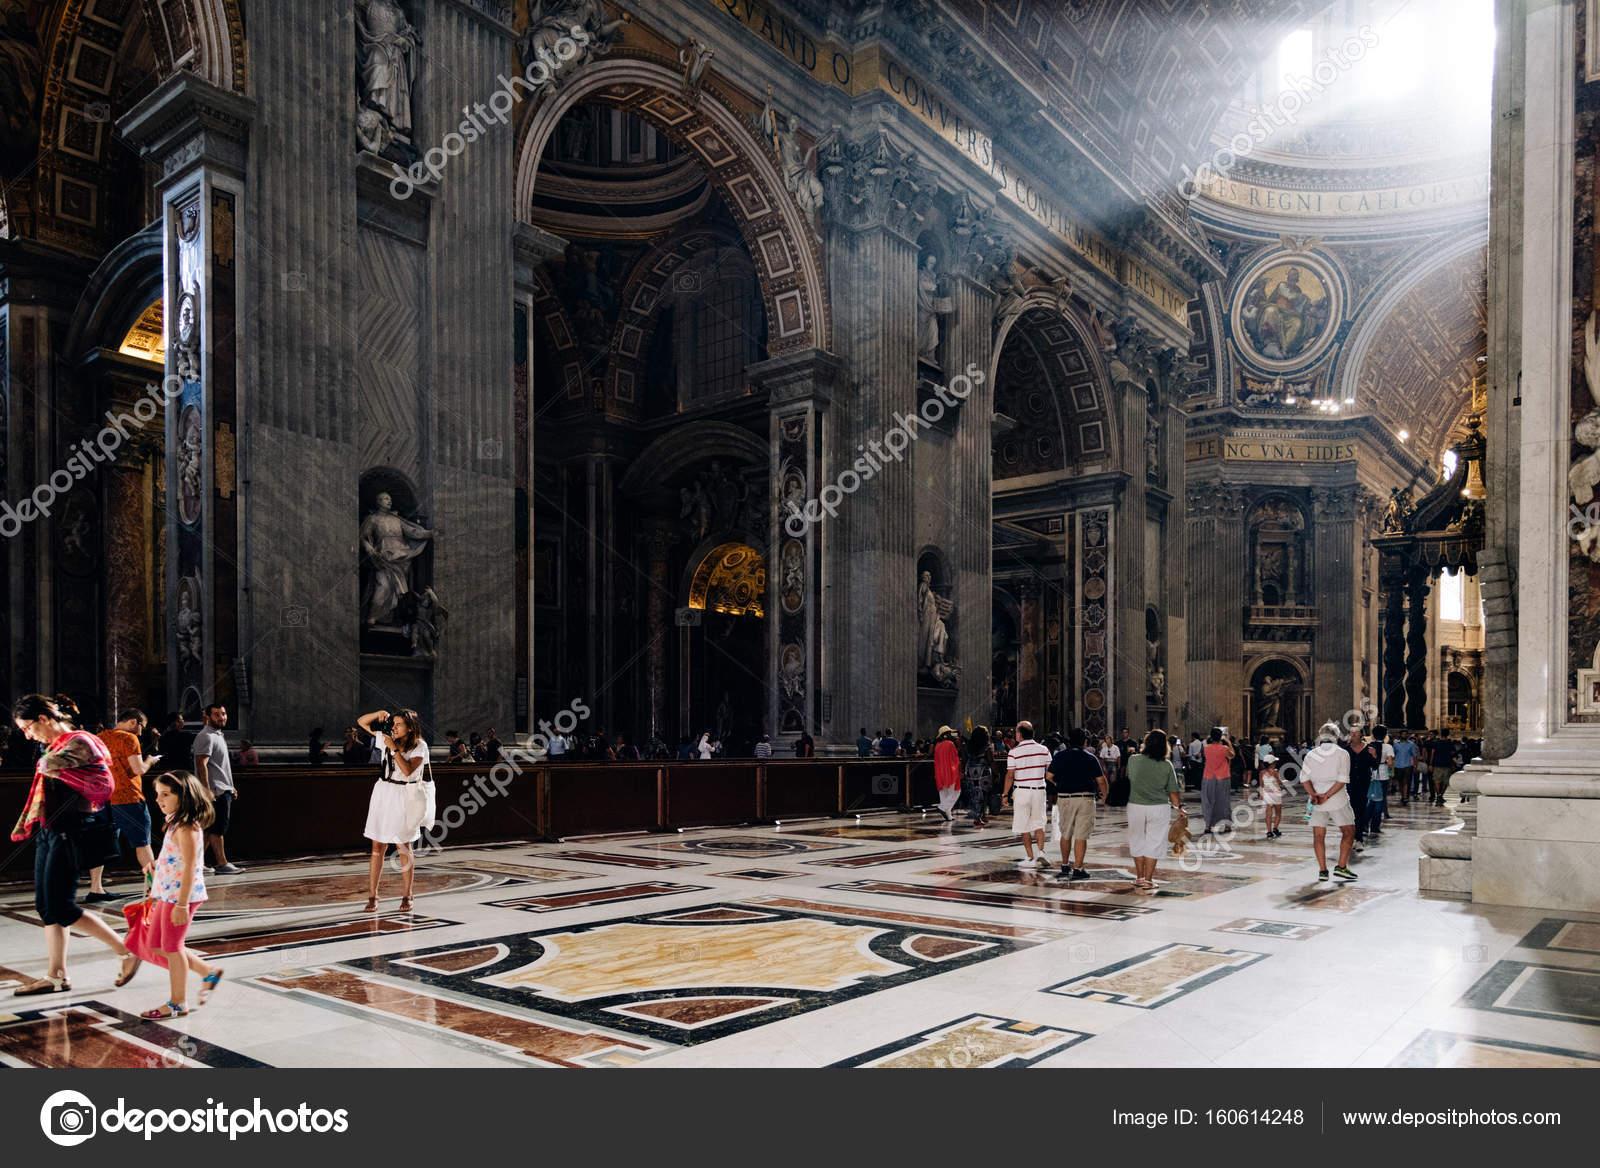 mensen in het interieur van de kathedraal van st peters stockfoto